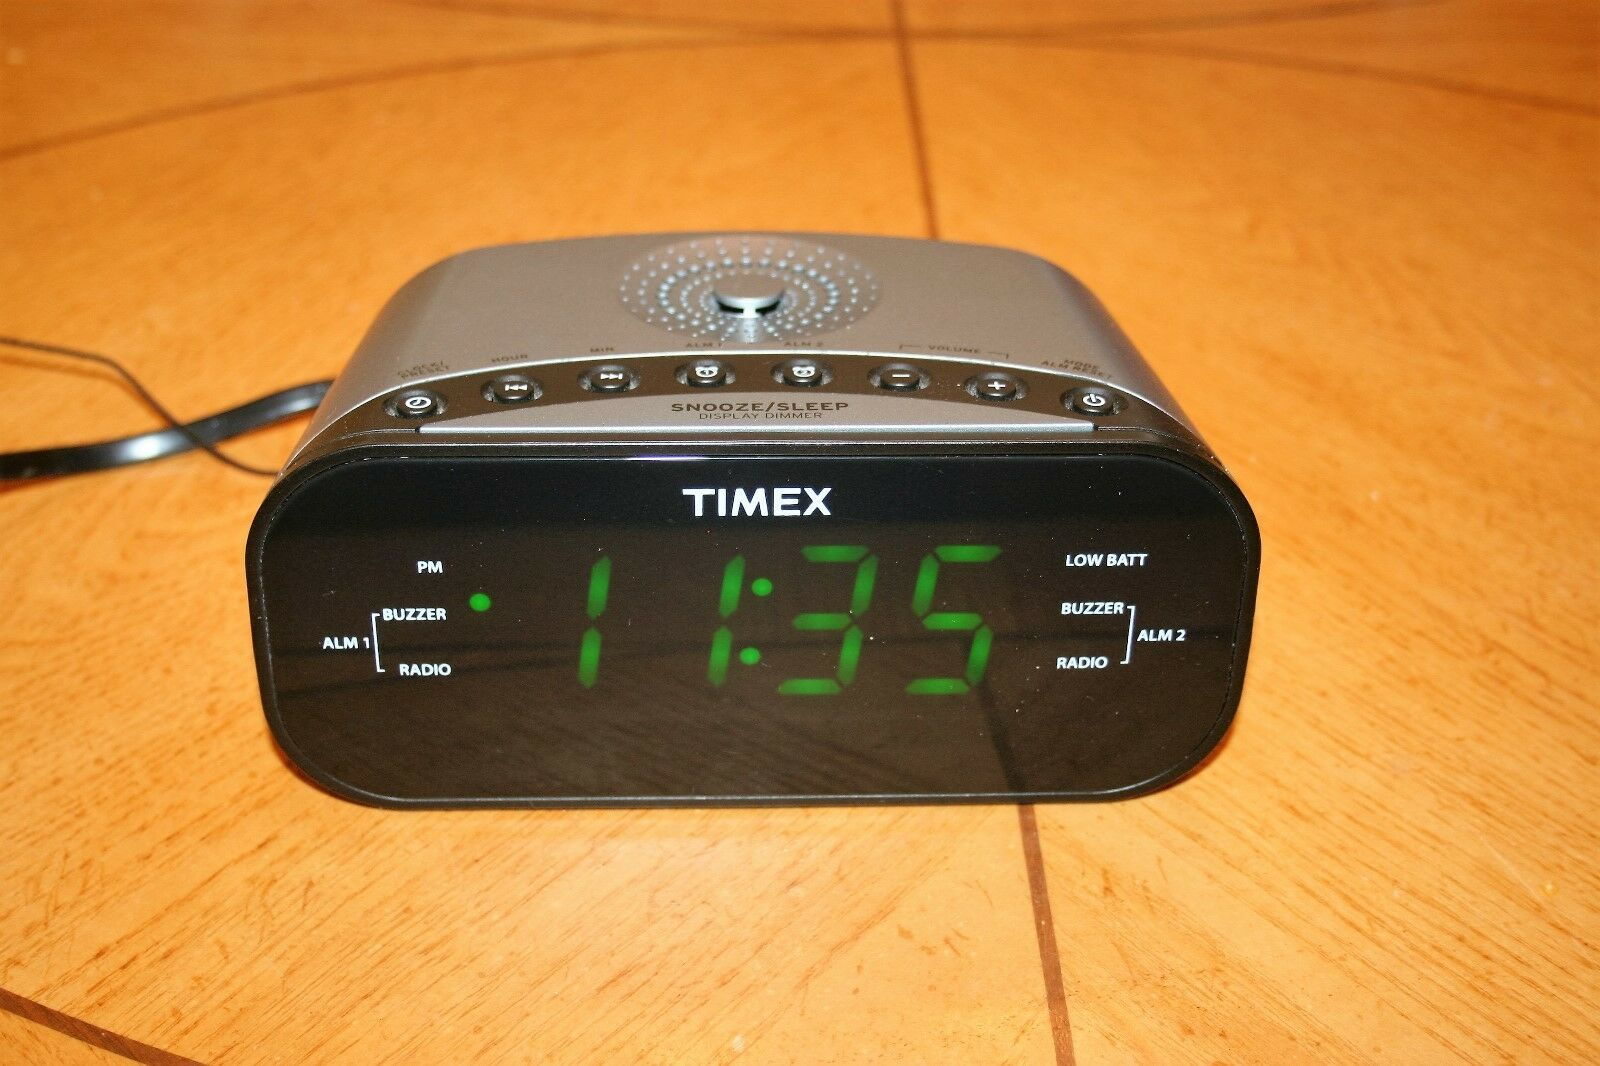 Timex Digital Alarm Clock Radio (Model T231Y)